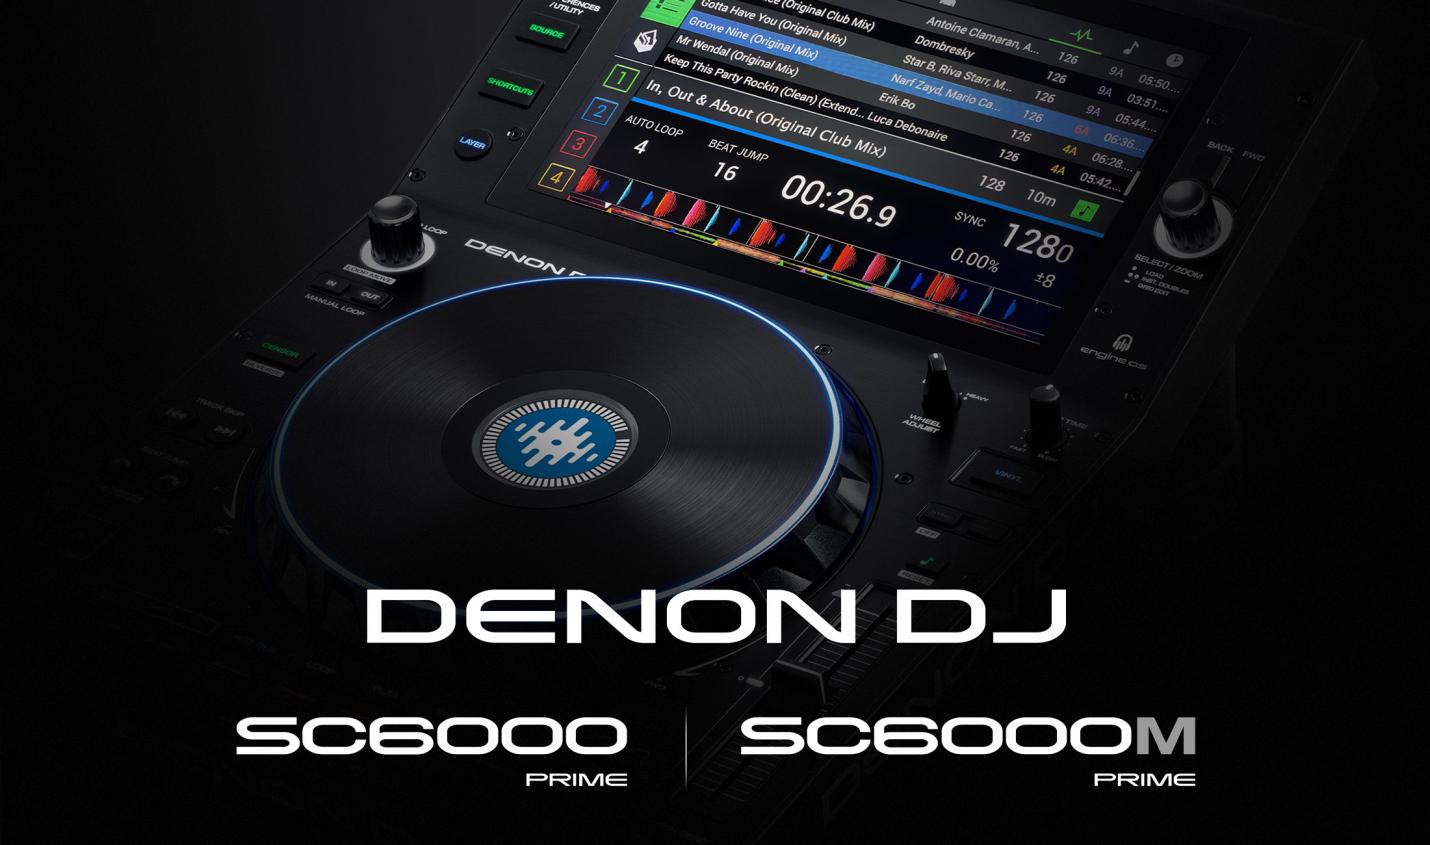 Denon DJ: Mediaplayer mit vollständiger Serato Integration